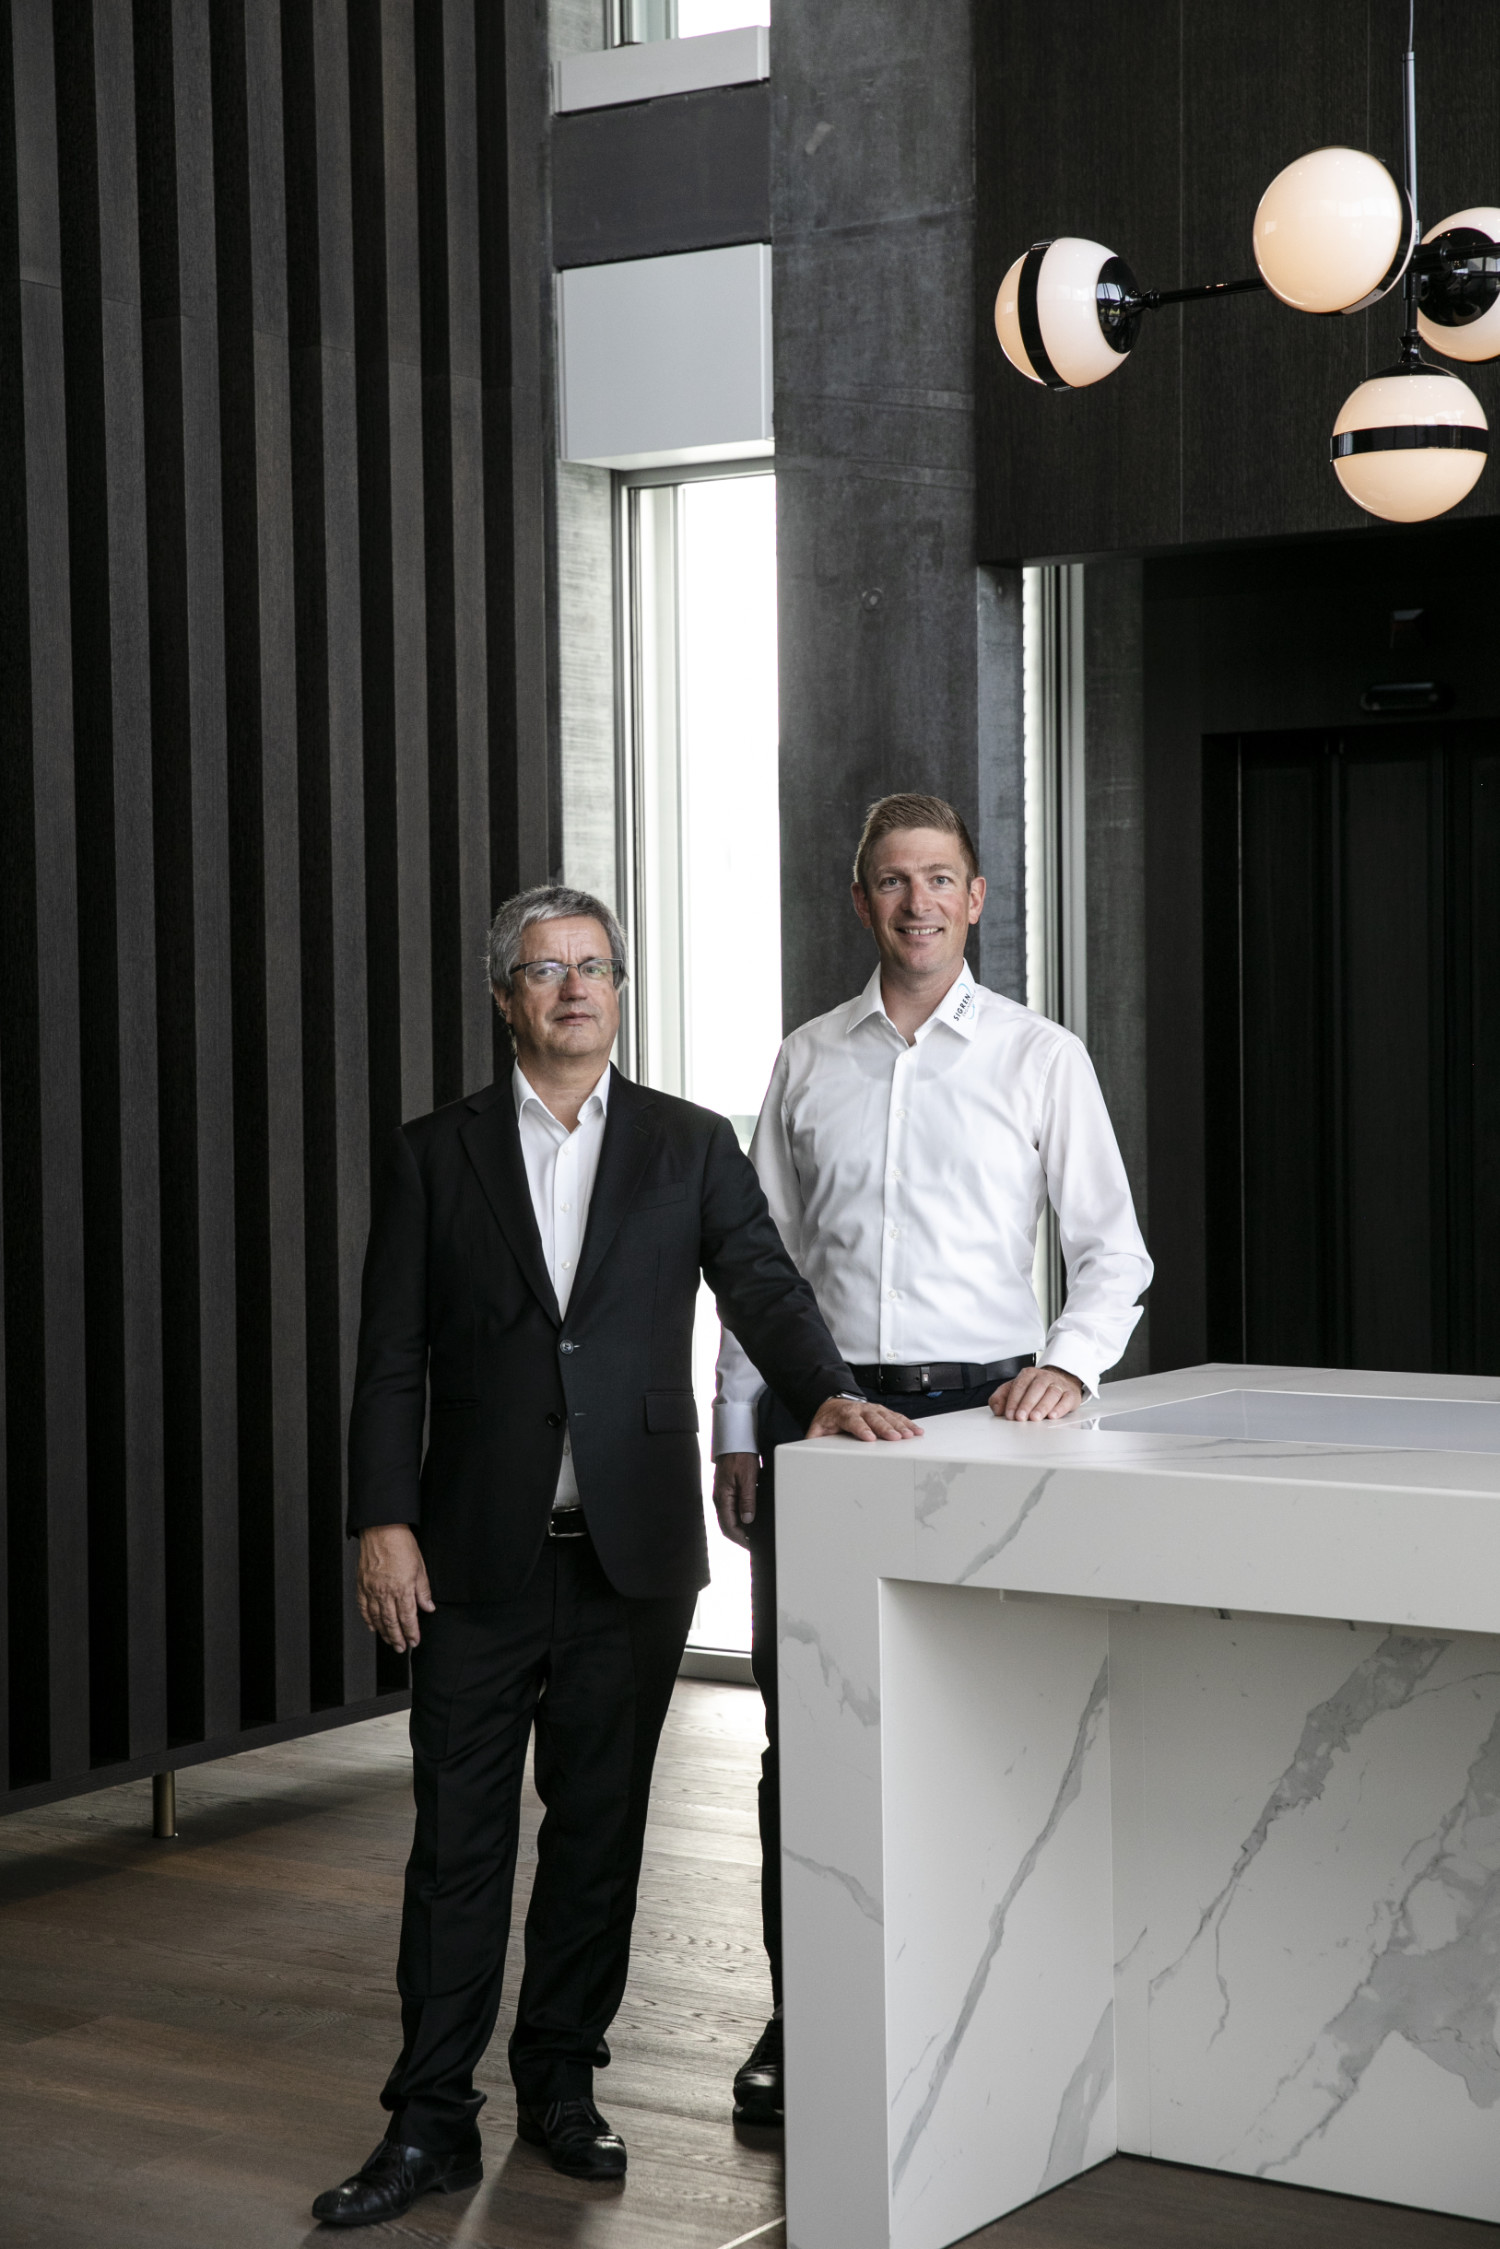 Besonders stolz sind Martin Müller (technischer Leiter des Hauses) und Michael Sturzenegger (Bauprojektleiter) auf die Convention Hall...